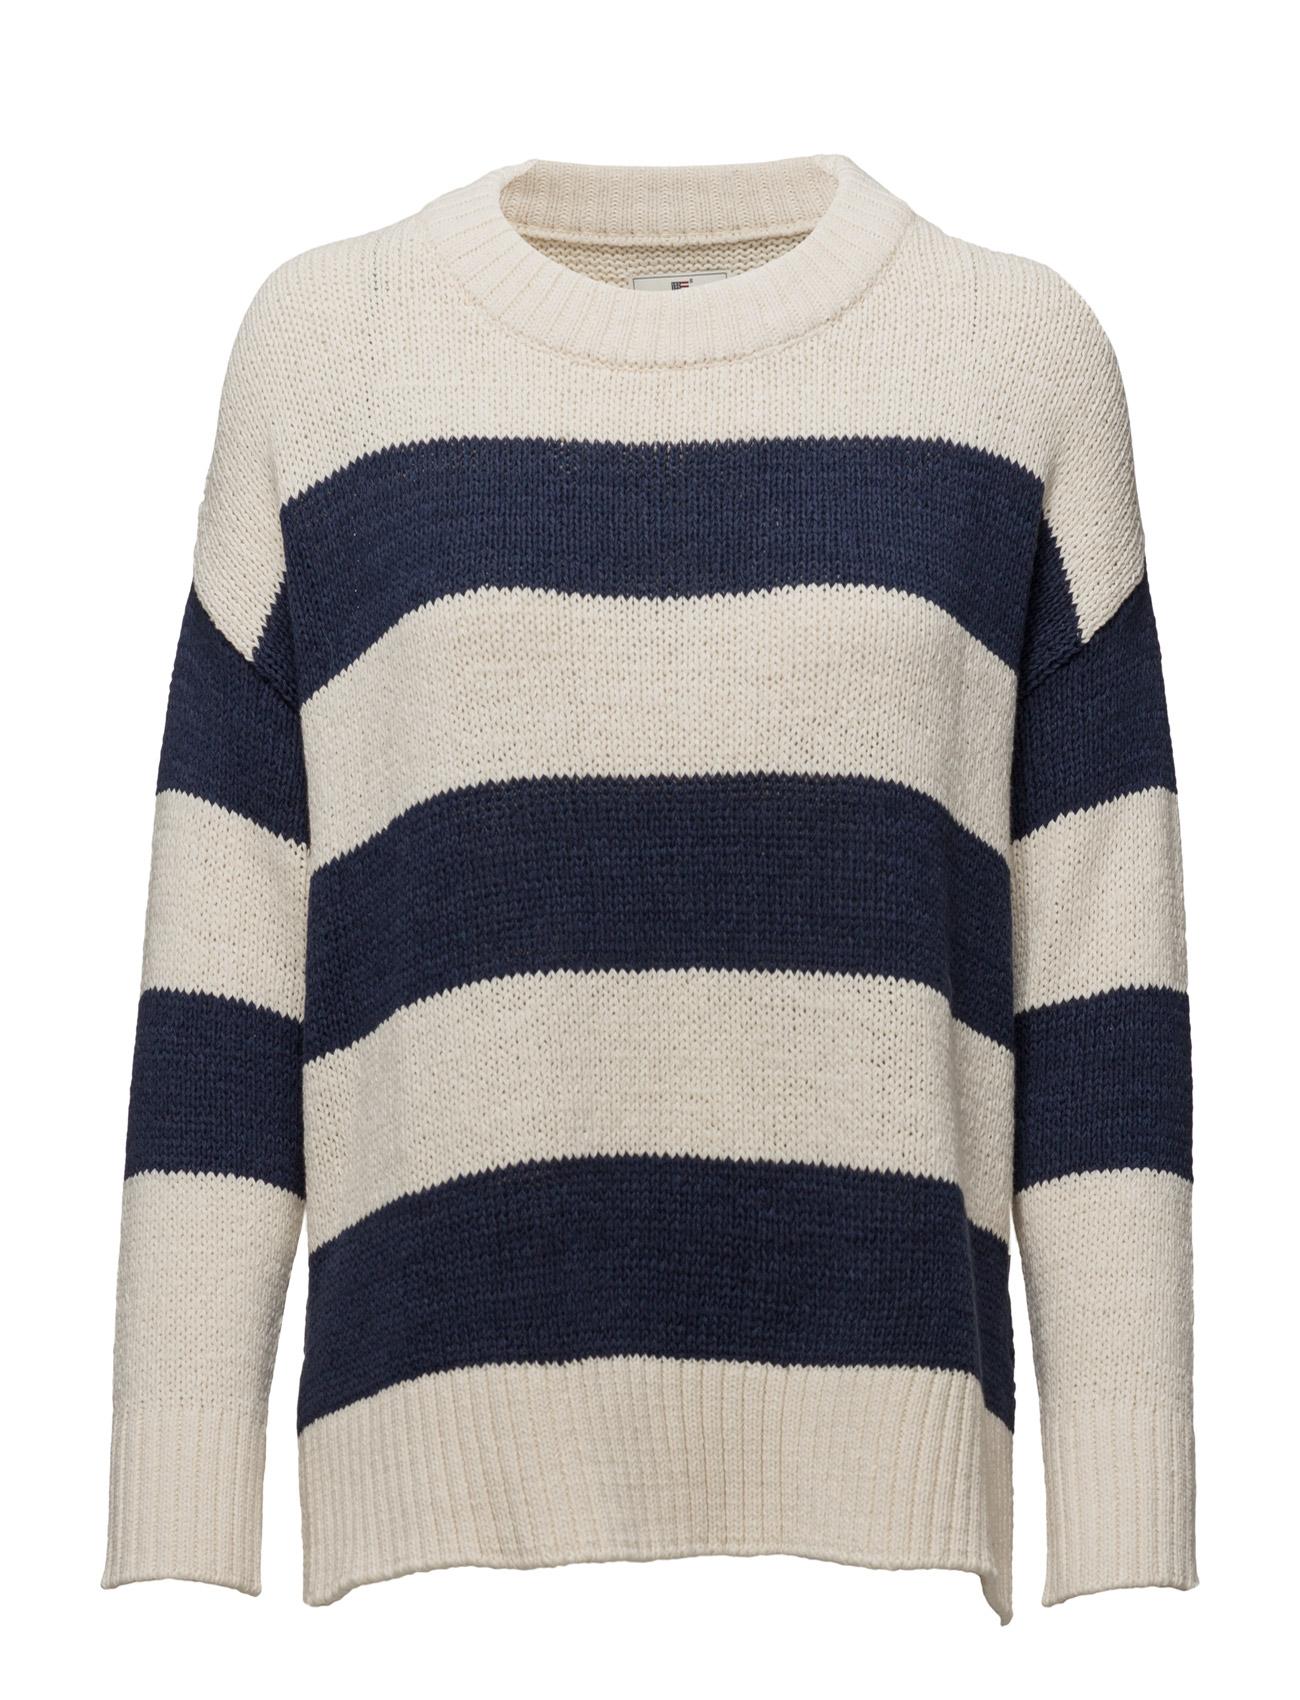 Amber Lee Sweater Lexington Company Sweatshirts til Kvinder i Blå